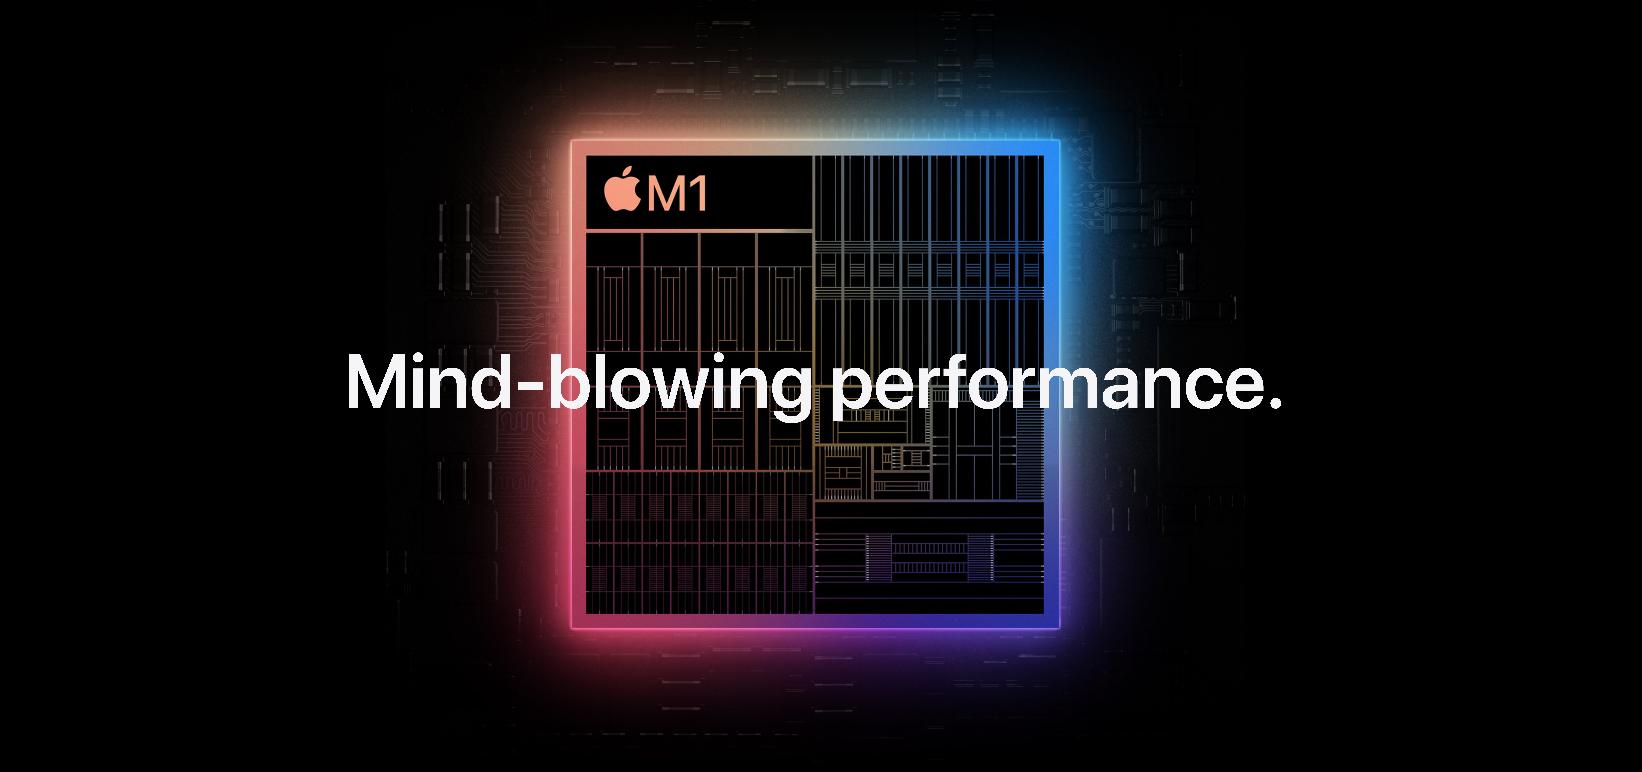 новый iPad Pro против iPad Pro 2020 года - M1, хранилище, оперативная память, многое другое